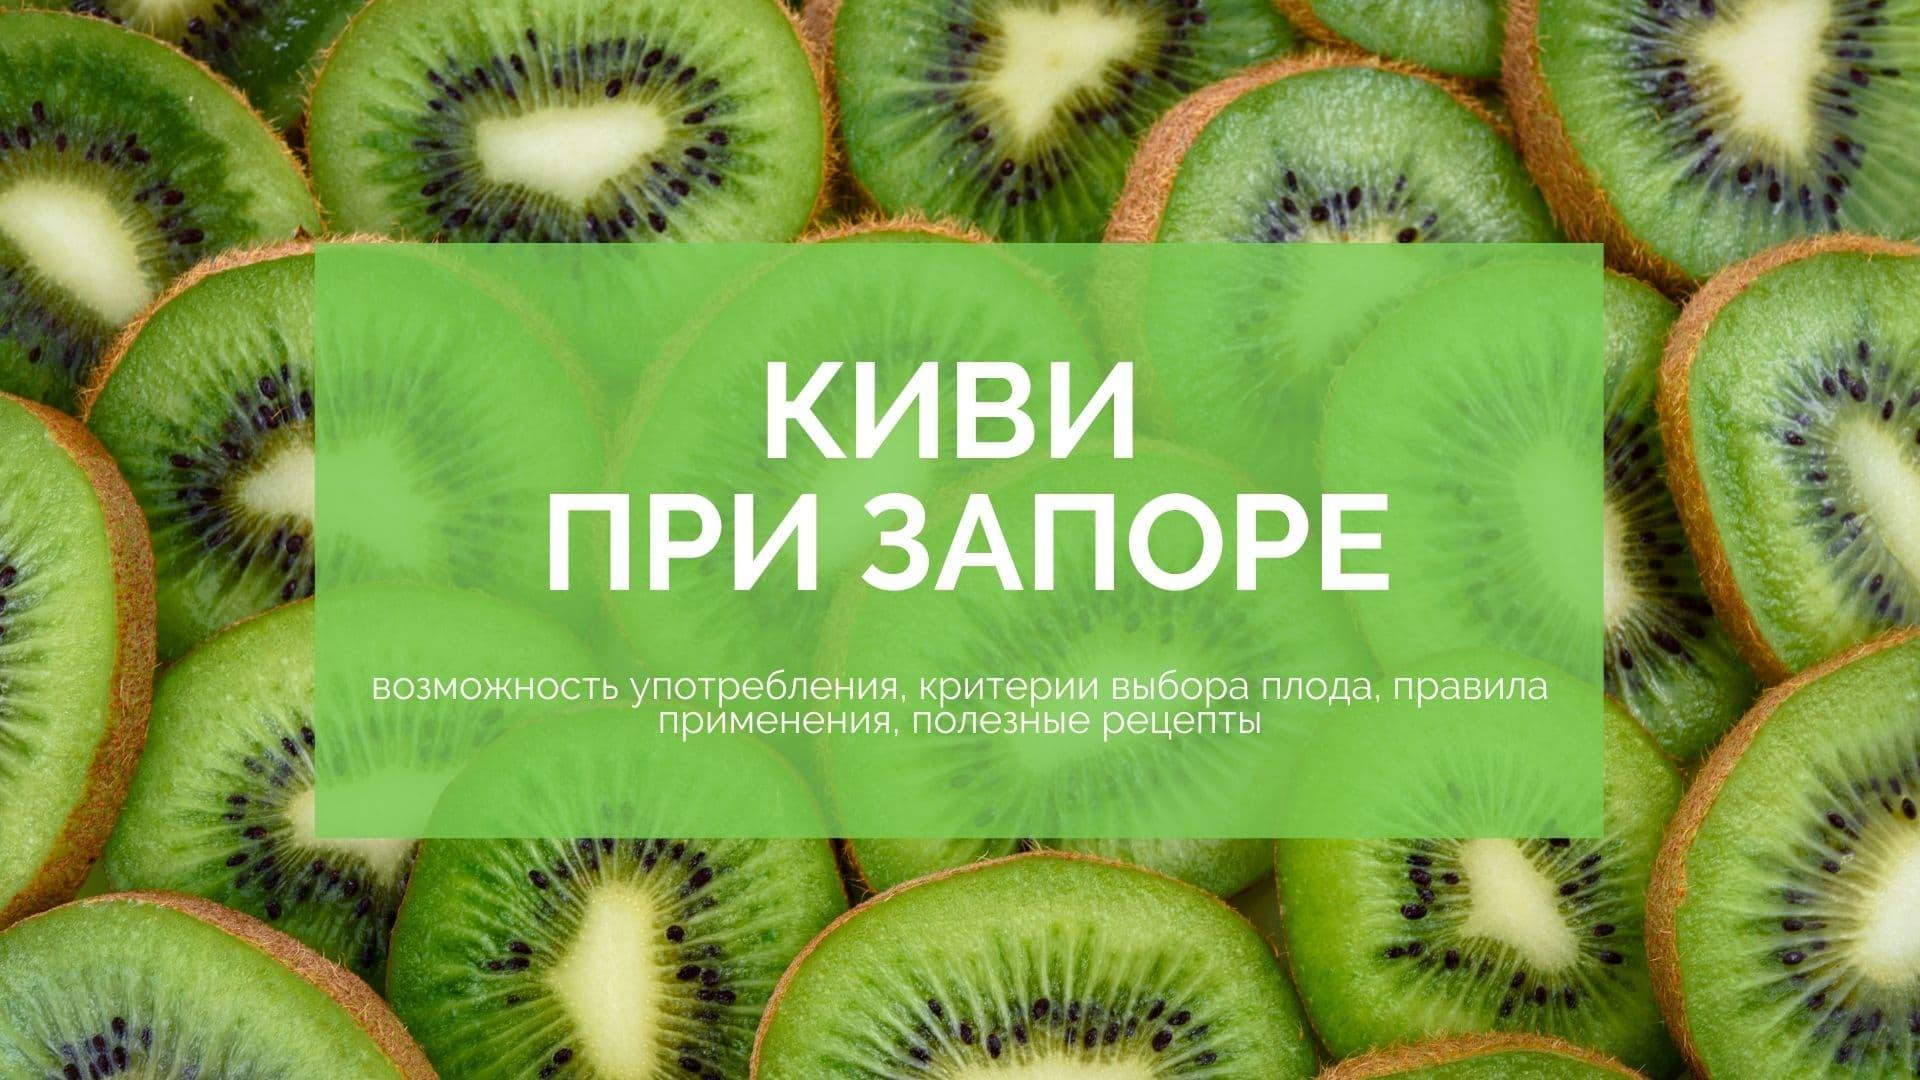 Киви при запоре: возможность употребления, критерии выбора плода, правила применения, полезные рецепты